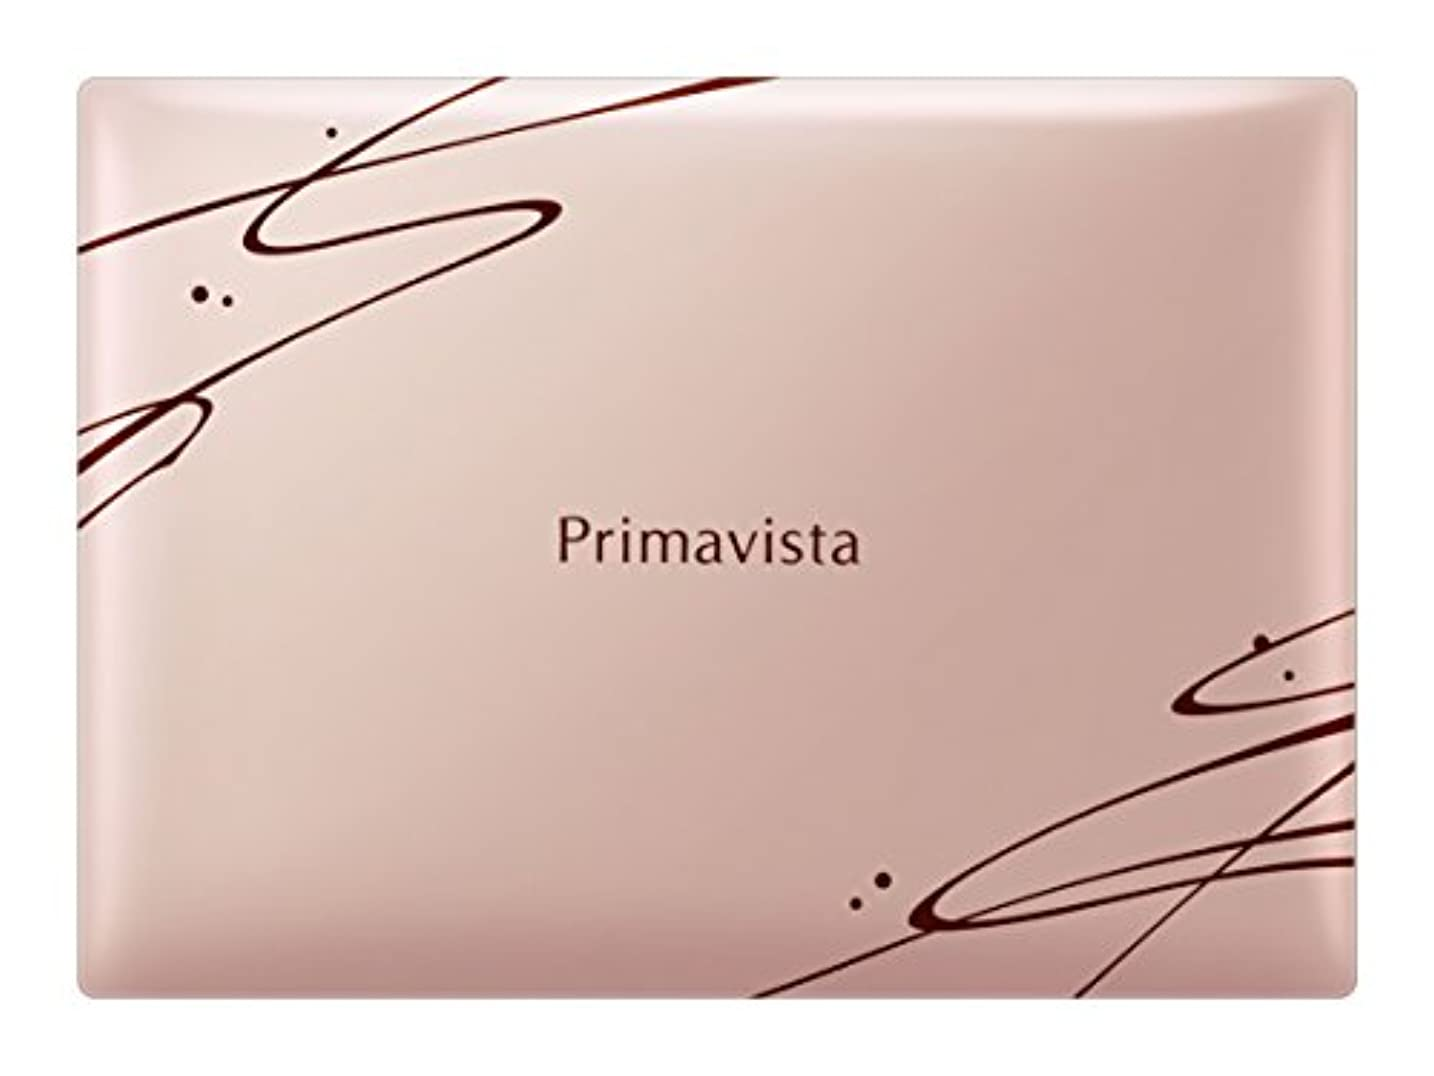 オプショナル樹木モンキーソフィーナ プリマヴィスタ きれいな素肌質感パウダーファンデーション(オークル03)+限定デザインコンパクト